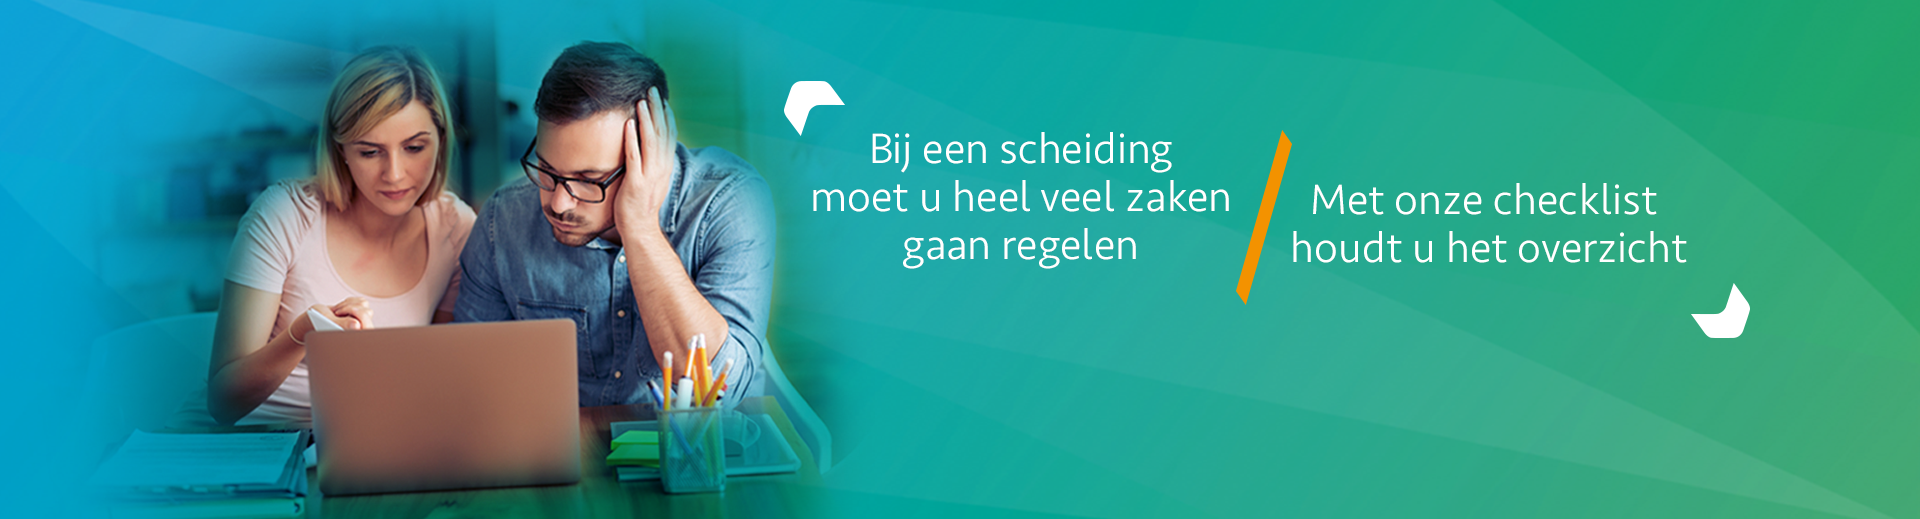 Checklist scheiden - Scheidingsplanner Almelo - Deventer - Nijverdal